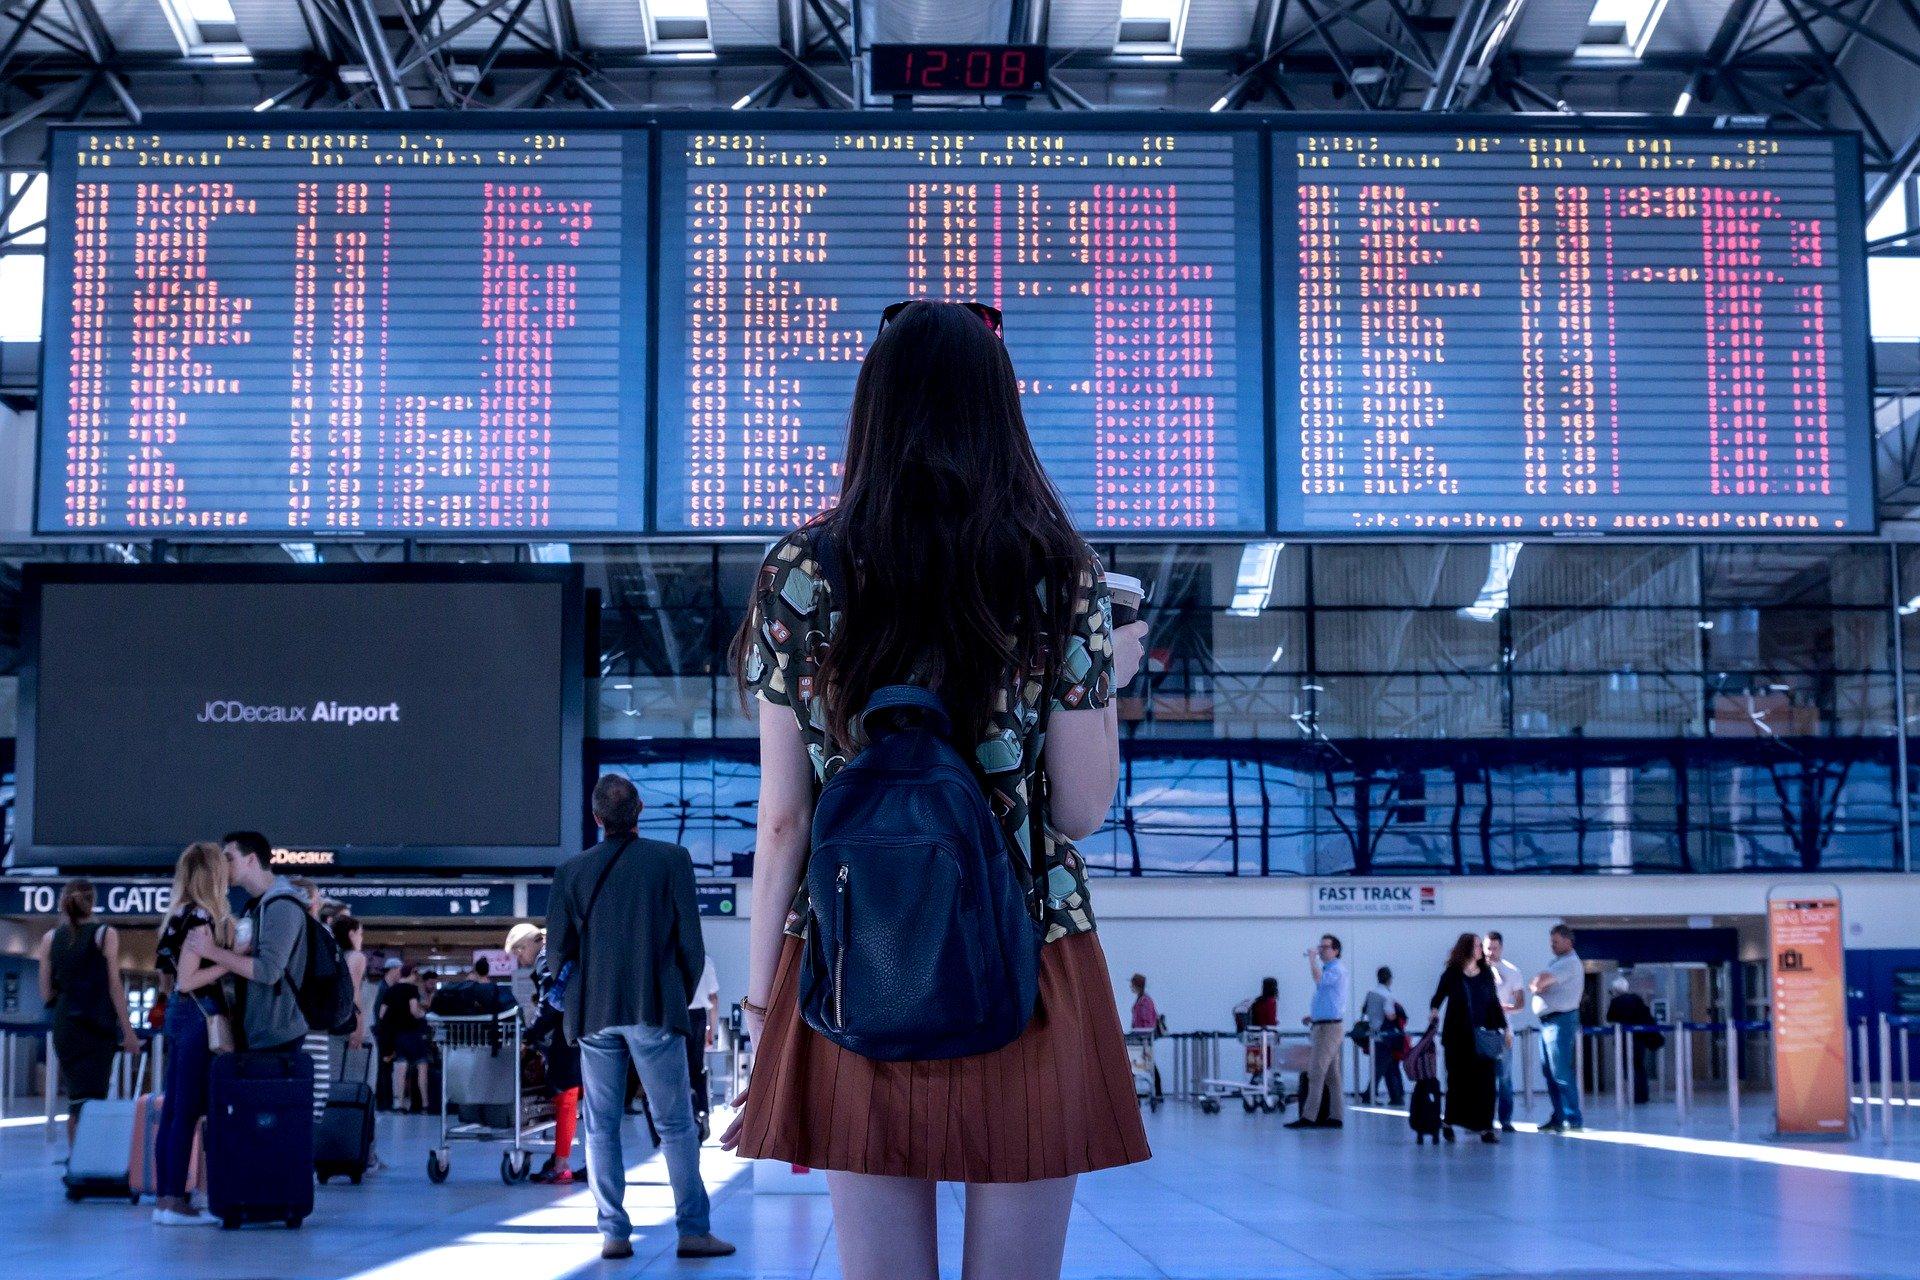 pige der søger efter billige flybilletter til Spanien i en lufthavn | Alt om Spanien